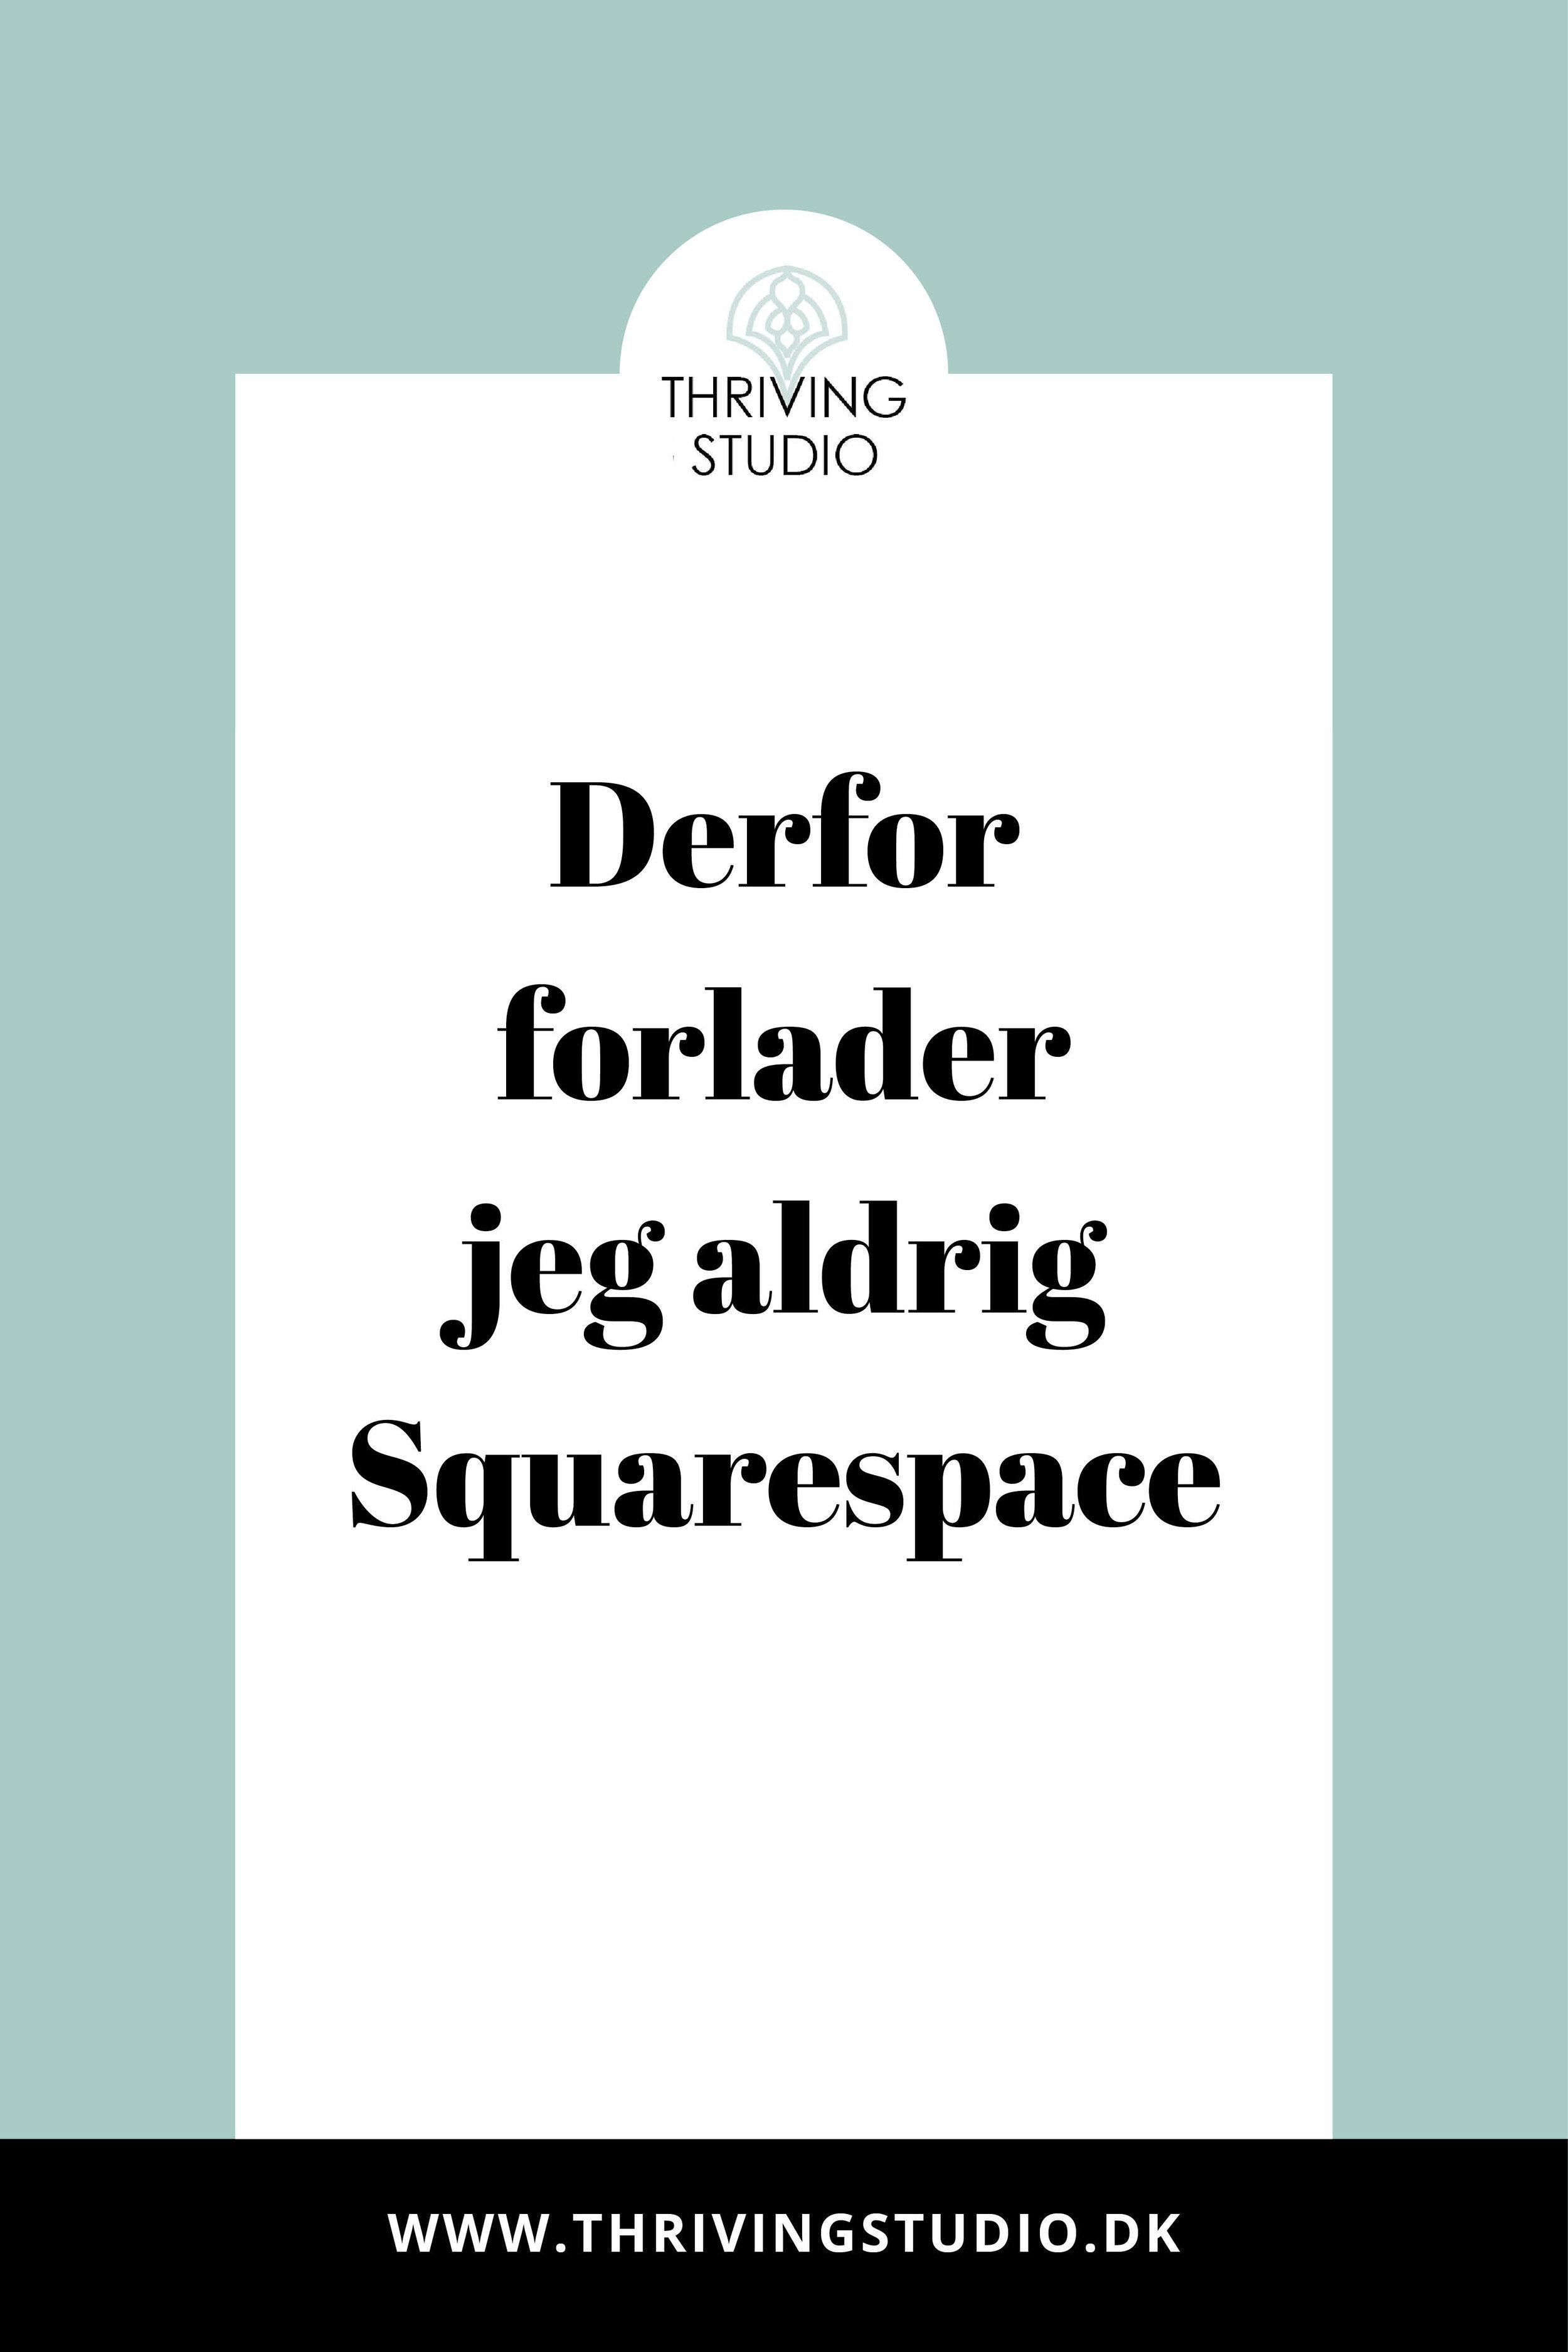 derfor-forlader-jeg-aldrig-squarespace-31-01-18.jpg